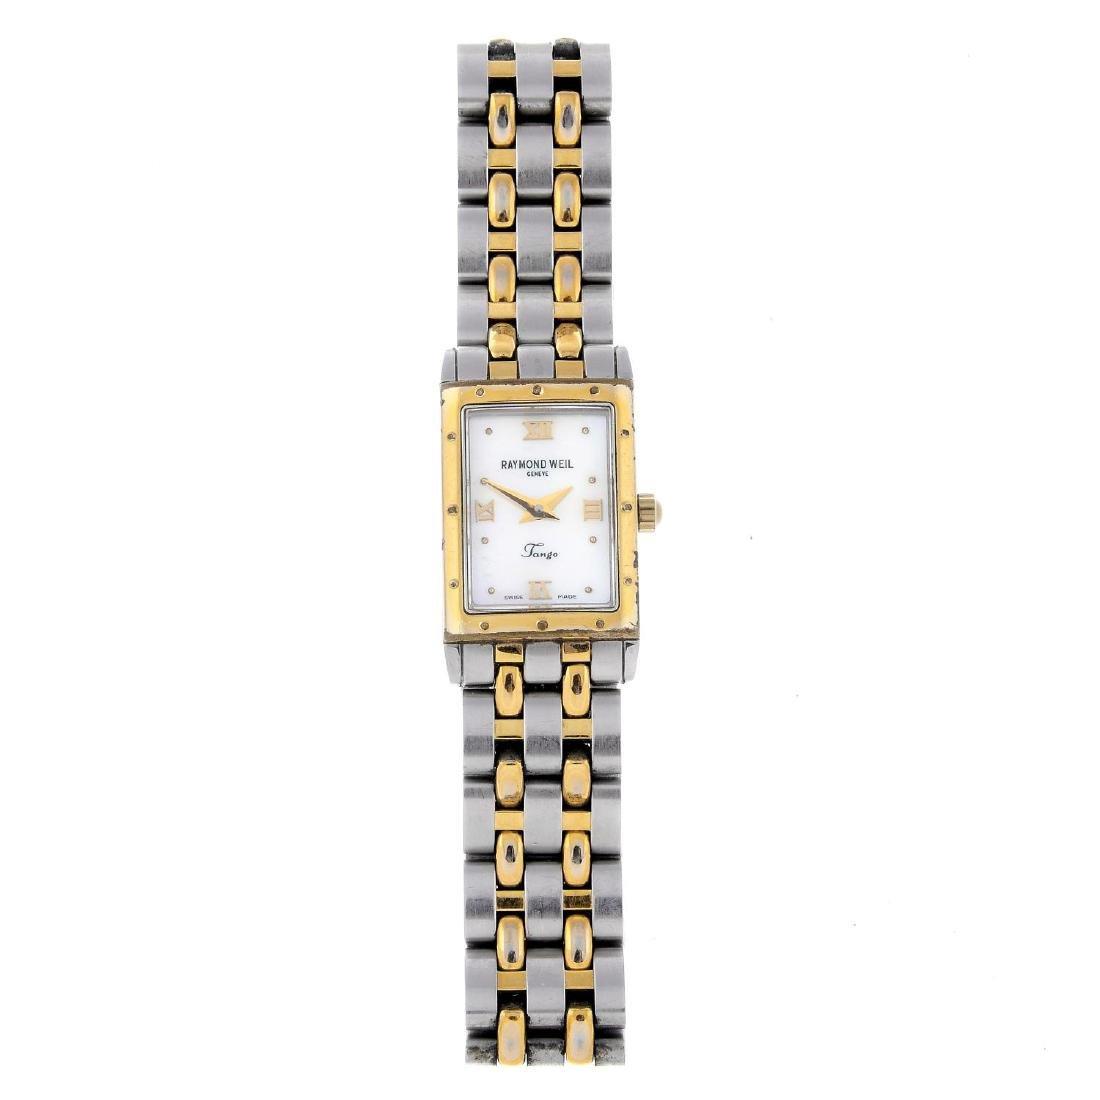 RAYMOND WEIL - a lady's Tango bracelet watch. Stainless